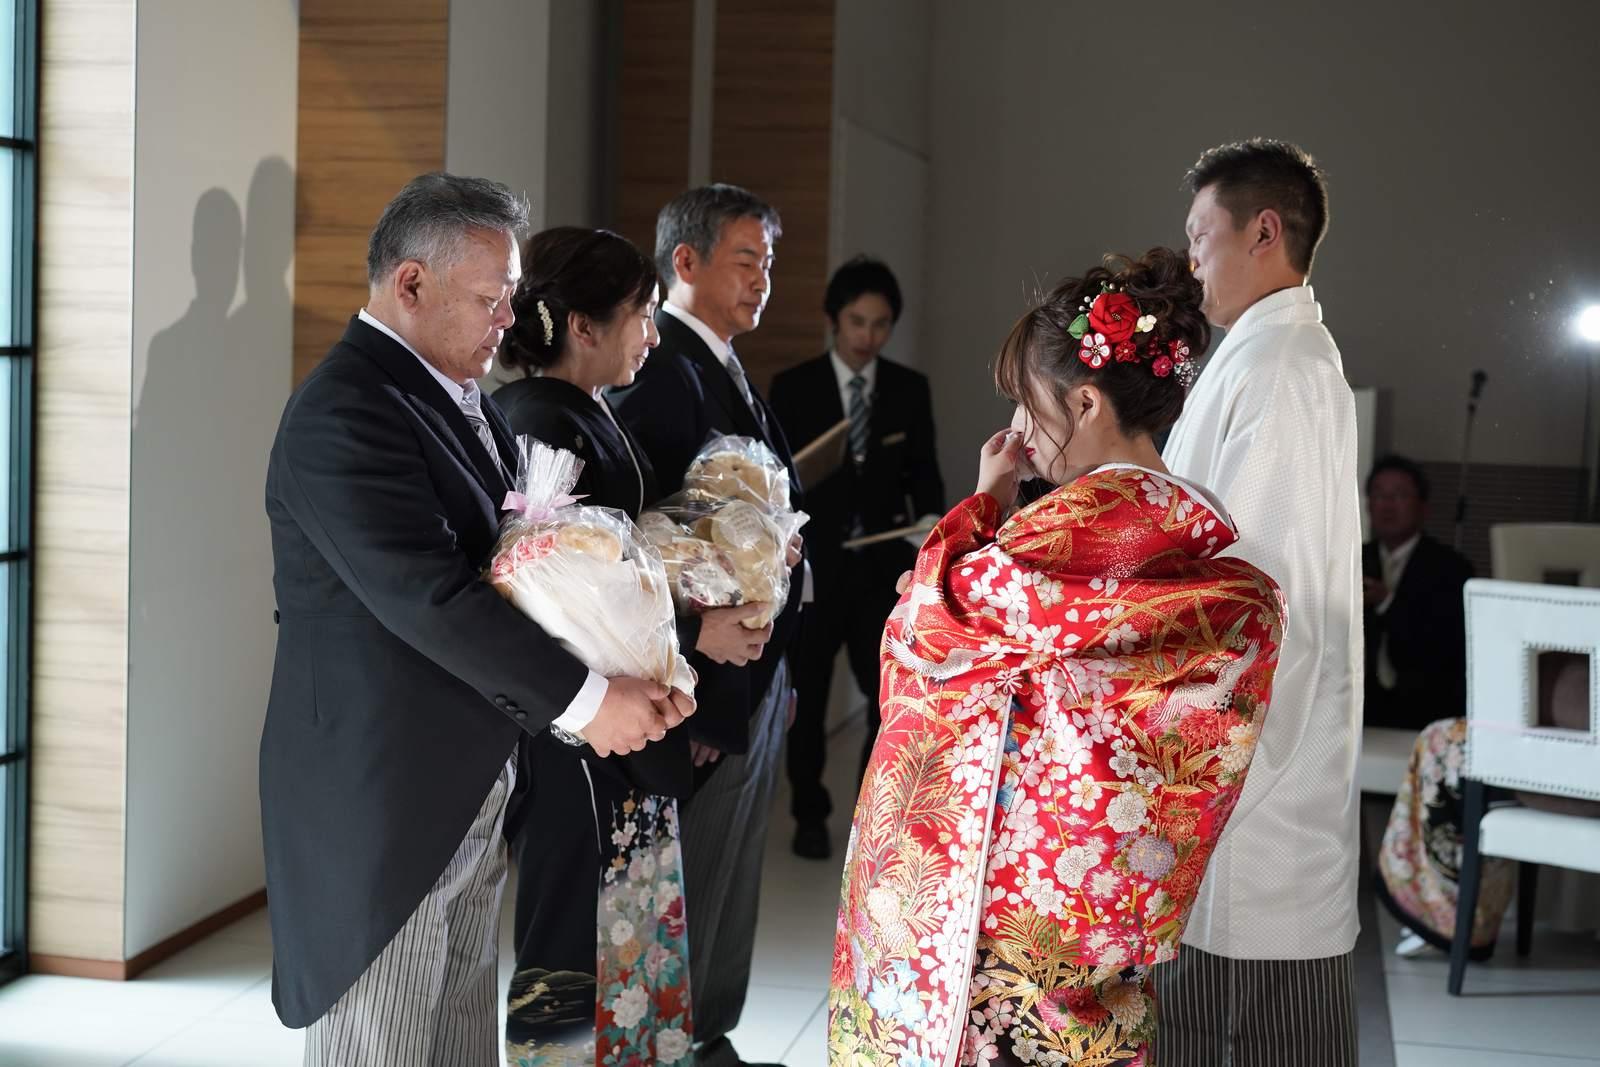 香川の結婚式場シェルエメール&アイスタイル 花束贈呈